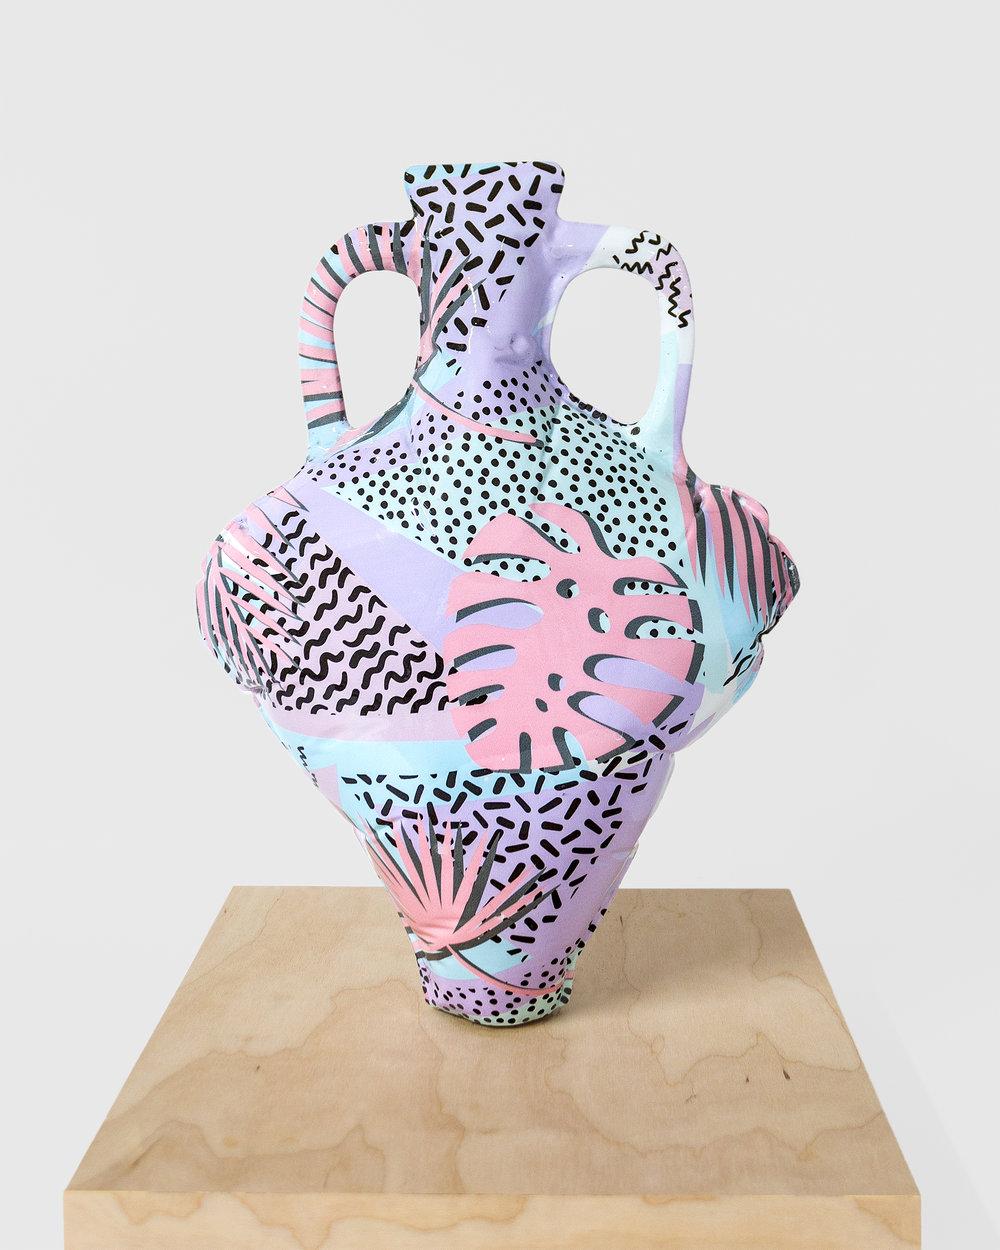 AdamParkerSmith_Sculpture1_Side1.jpg